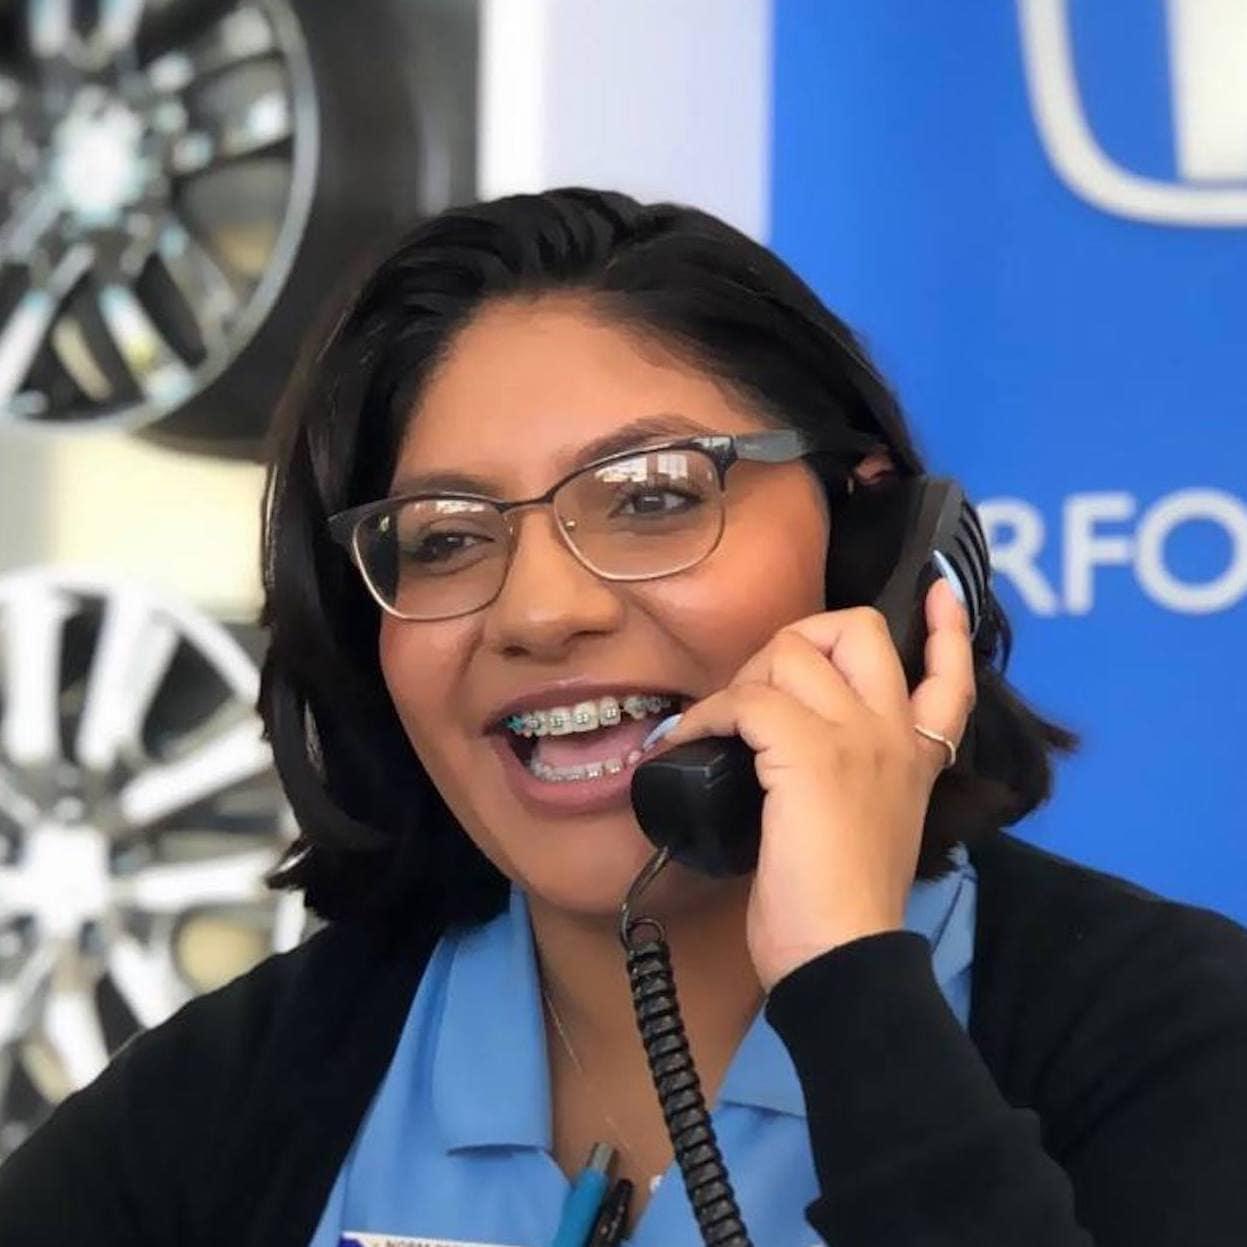 honda business center girl